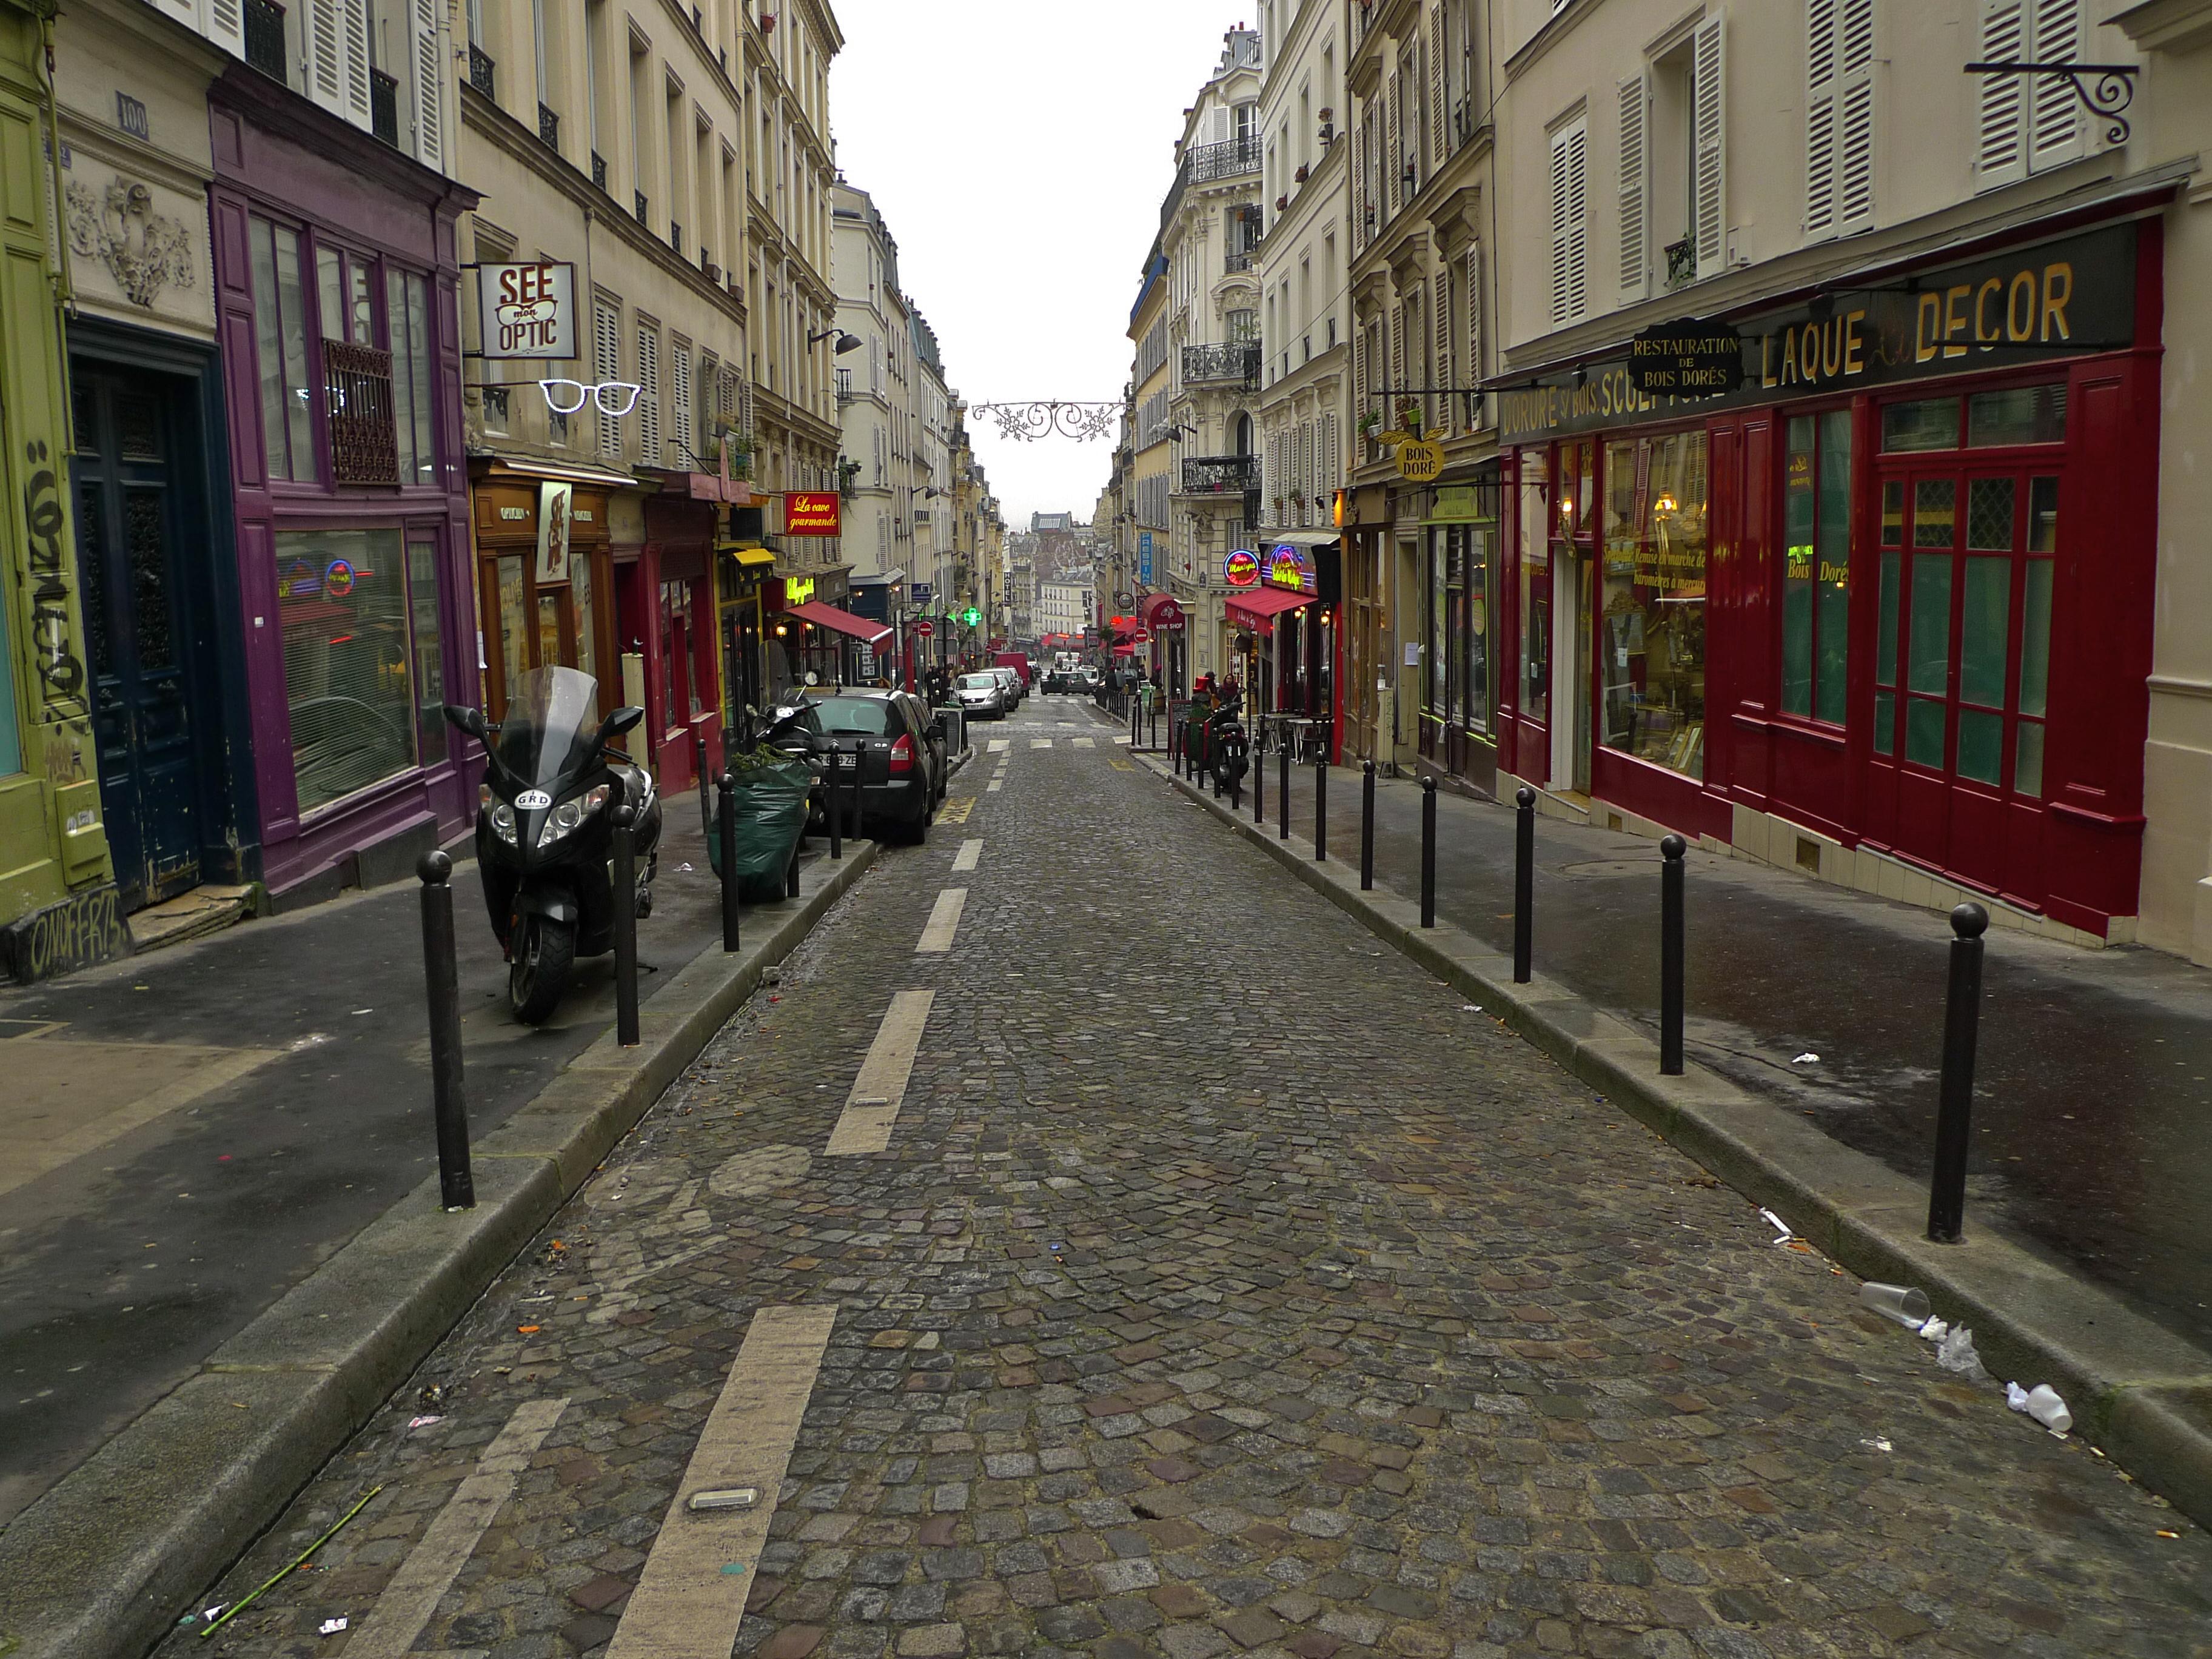 Rue des martyrs soundlandscapes 39 blog for Restaurant le miroir rue des martyrs